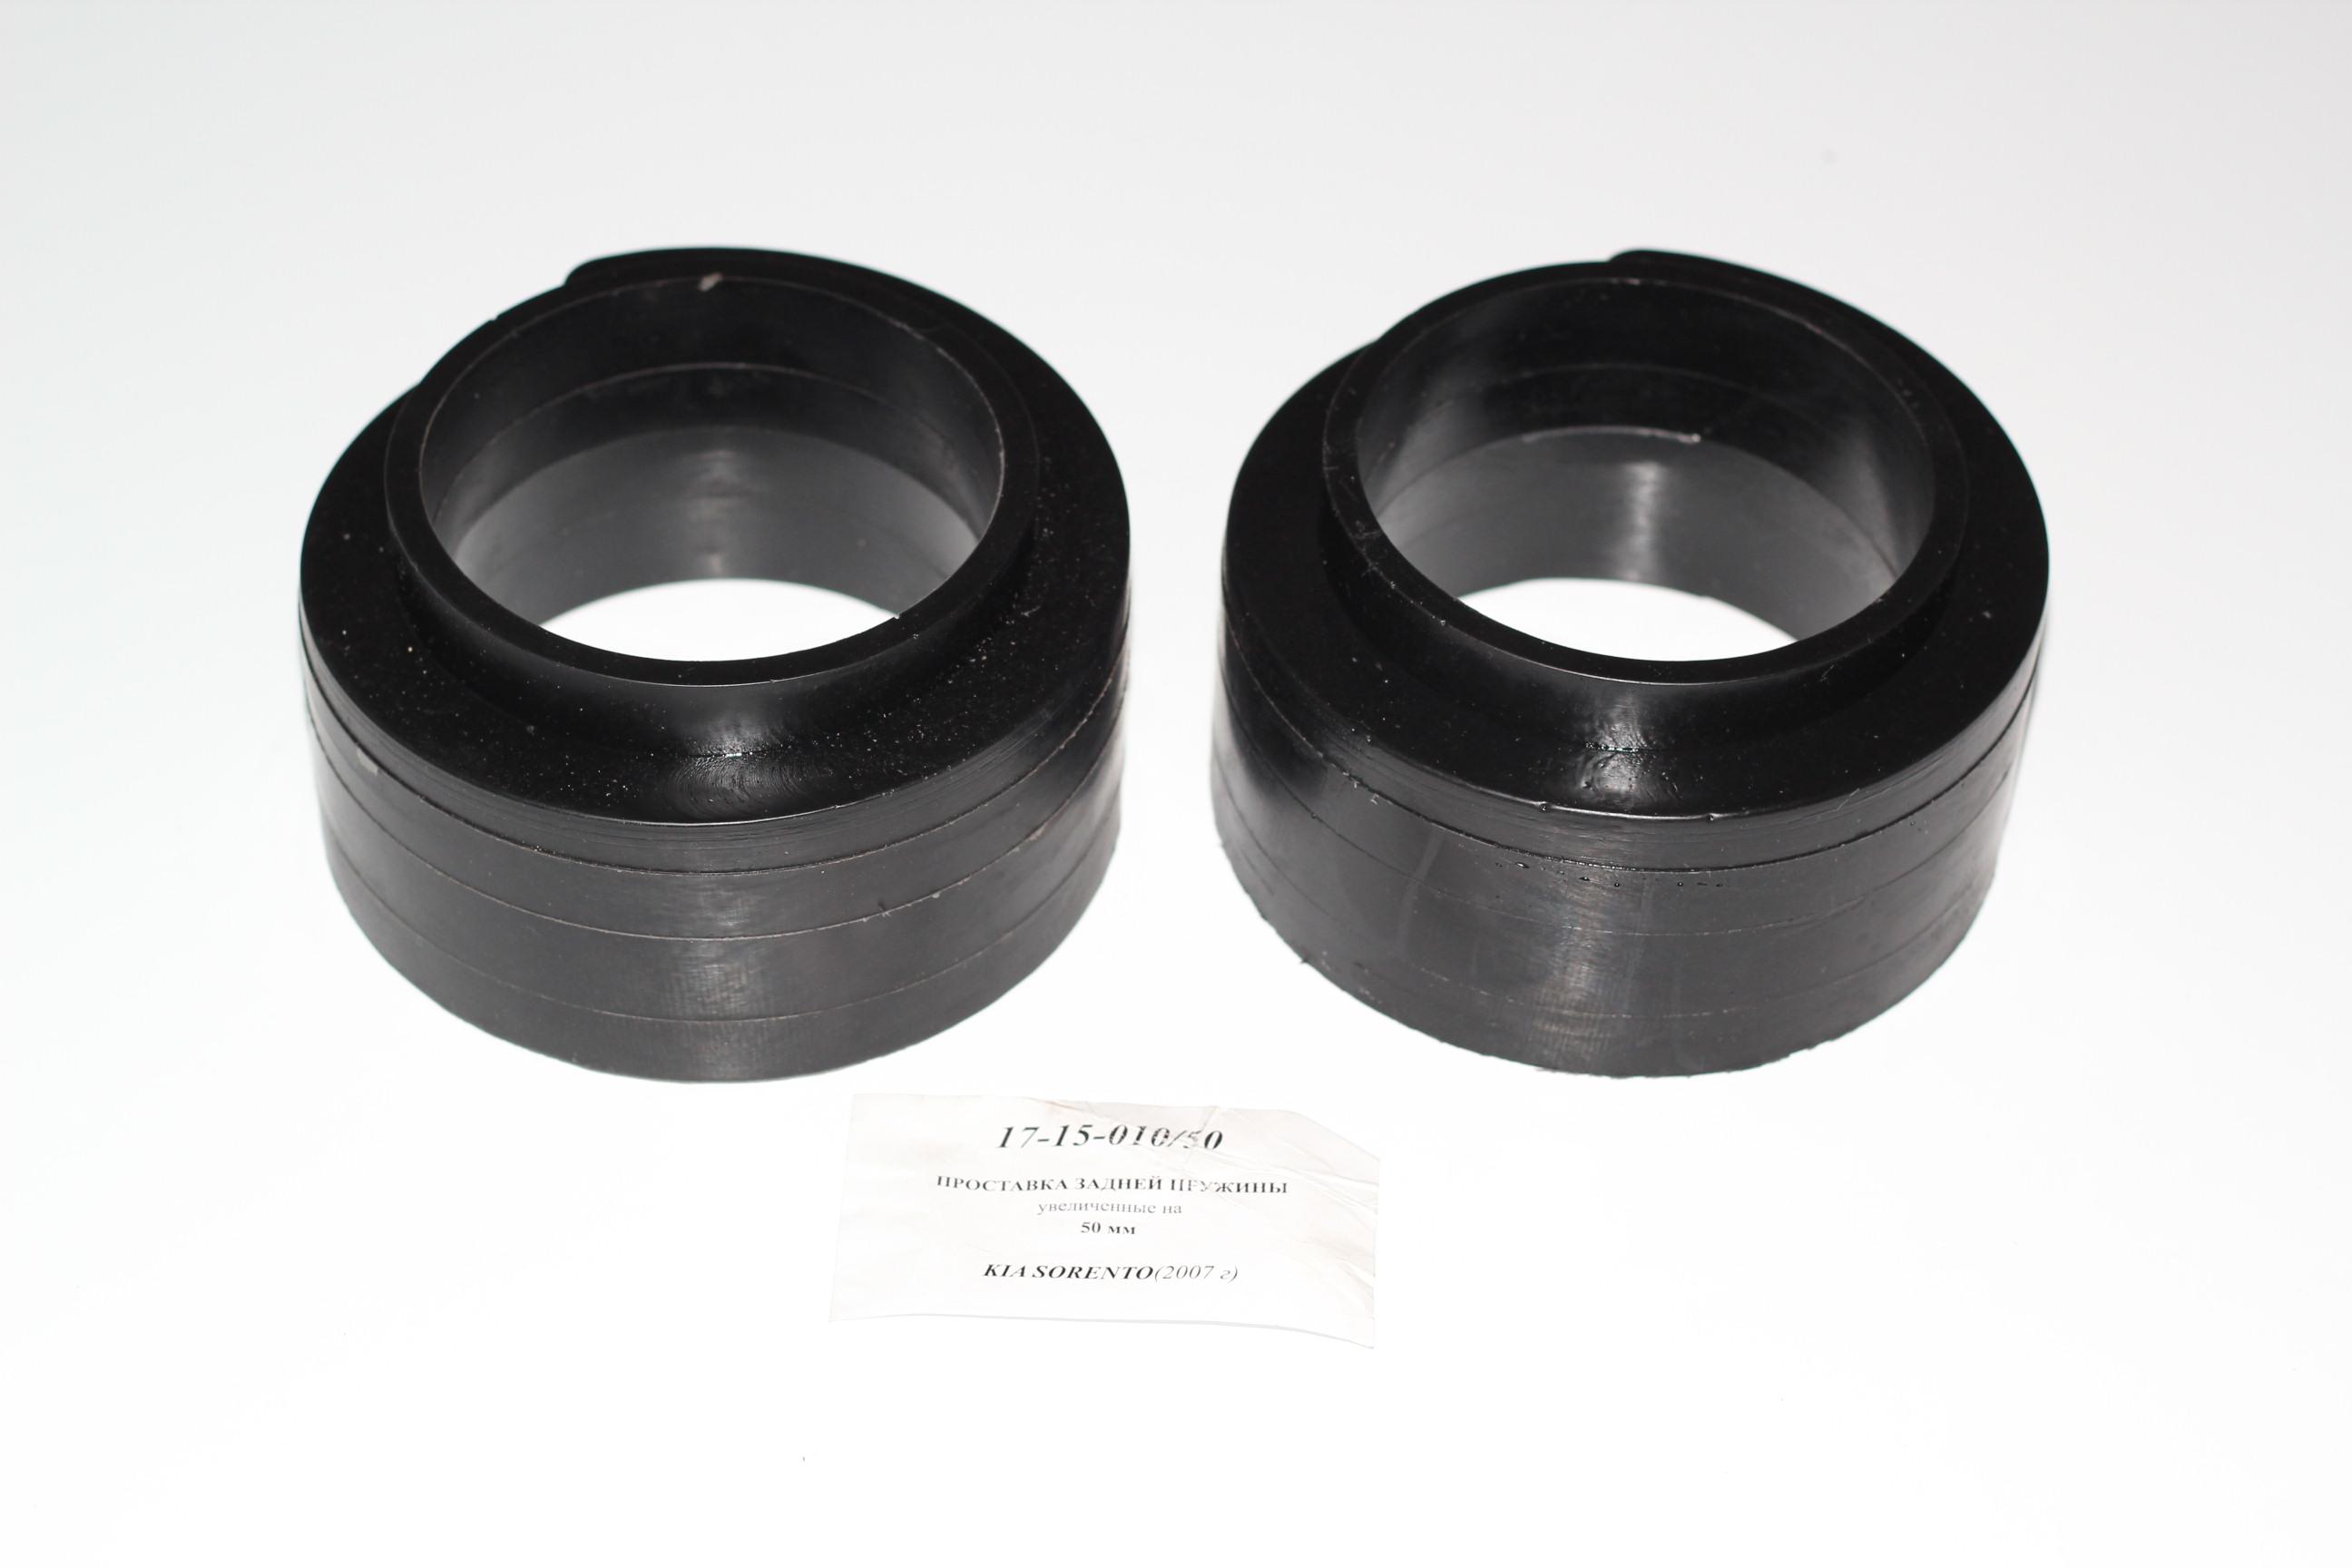 Проставка задней пружины KIA SORENTO (с 2007) 50 мм 17-15-010/50